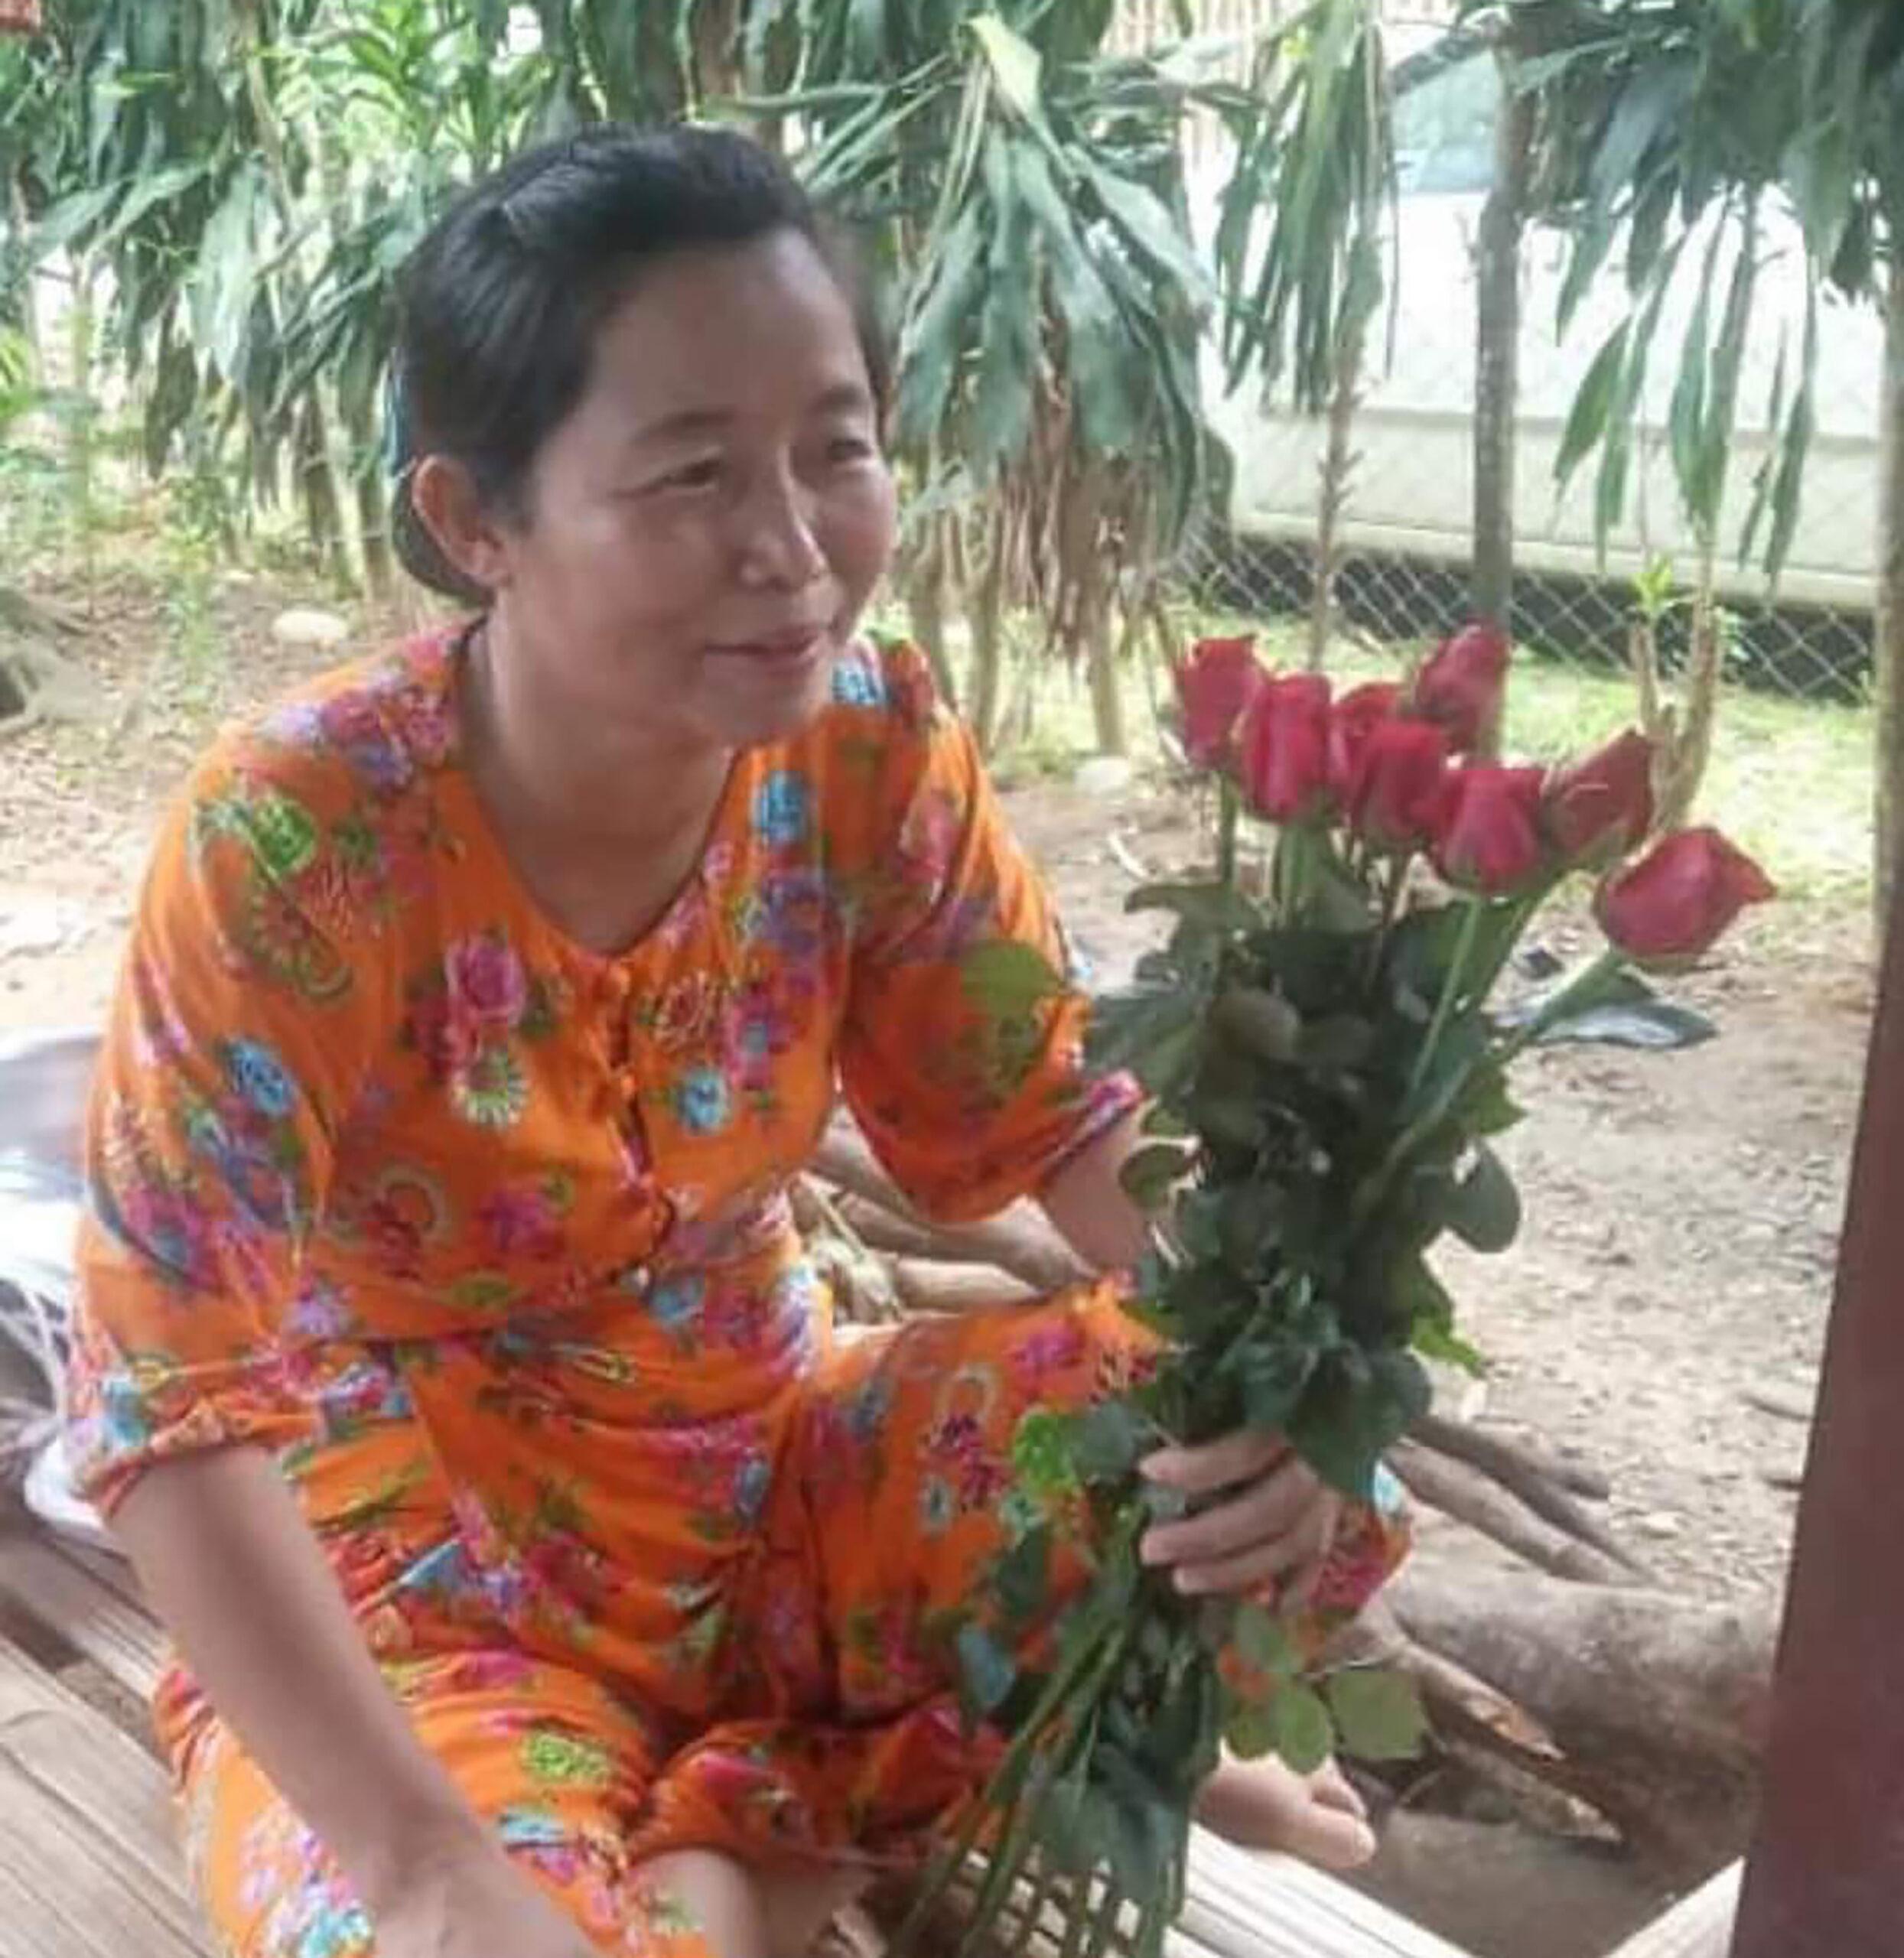 စစ်တပ်ကိုဆန့်ကျင်သော ဆရာမ ဒေါ်လငန်လွမ်းနော အကျဉ်းထောင်မှ ပြန်လည်လွတ်မြောက်လာ